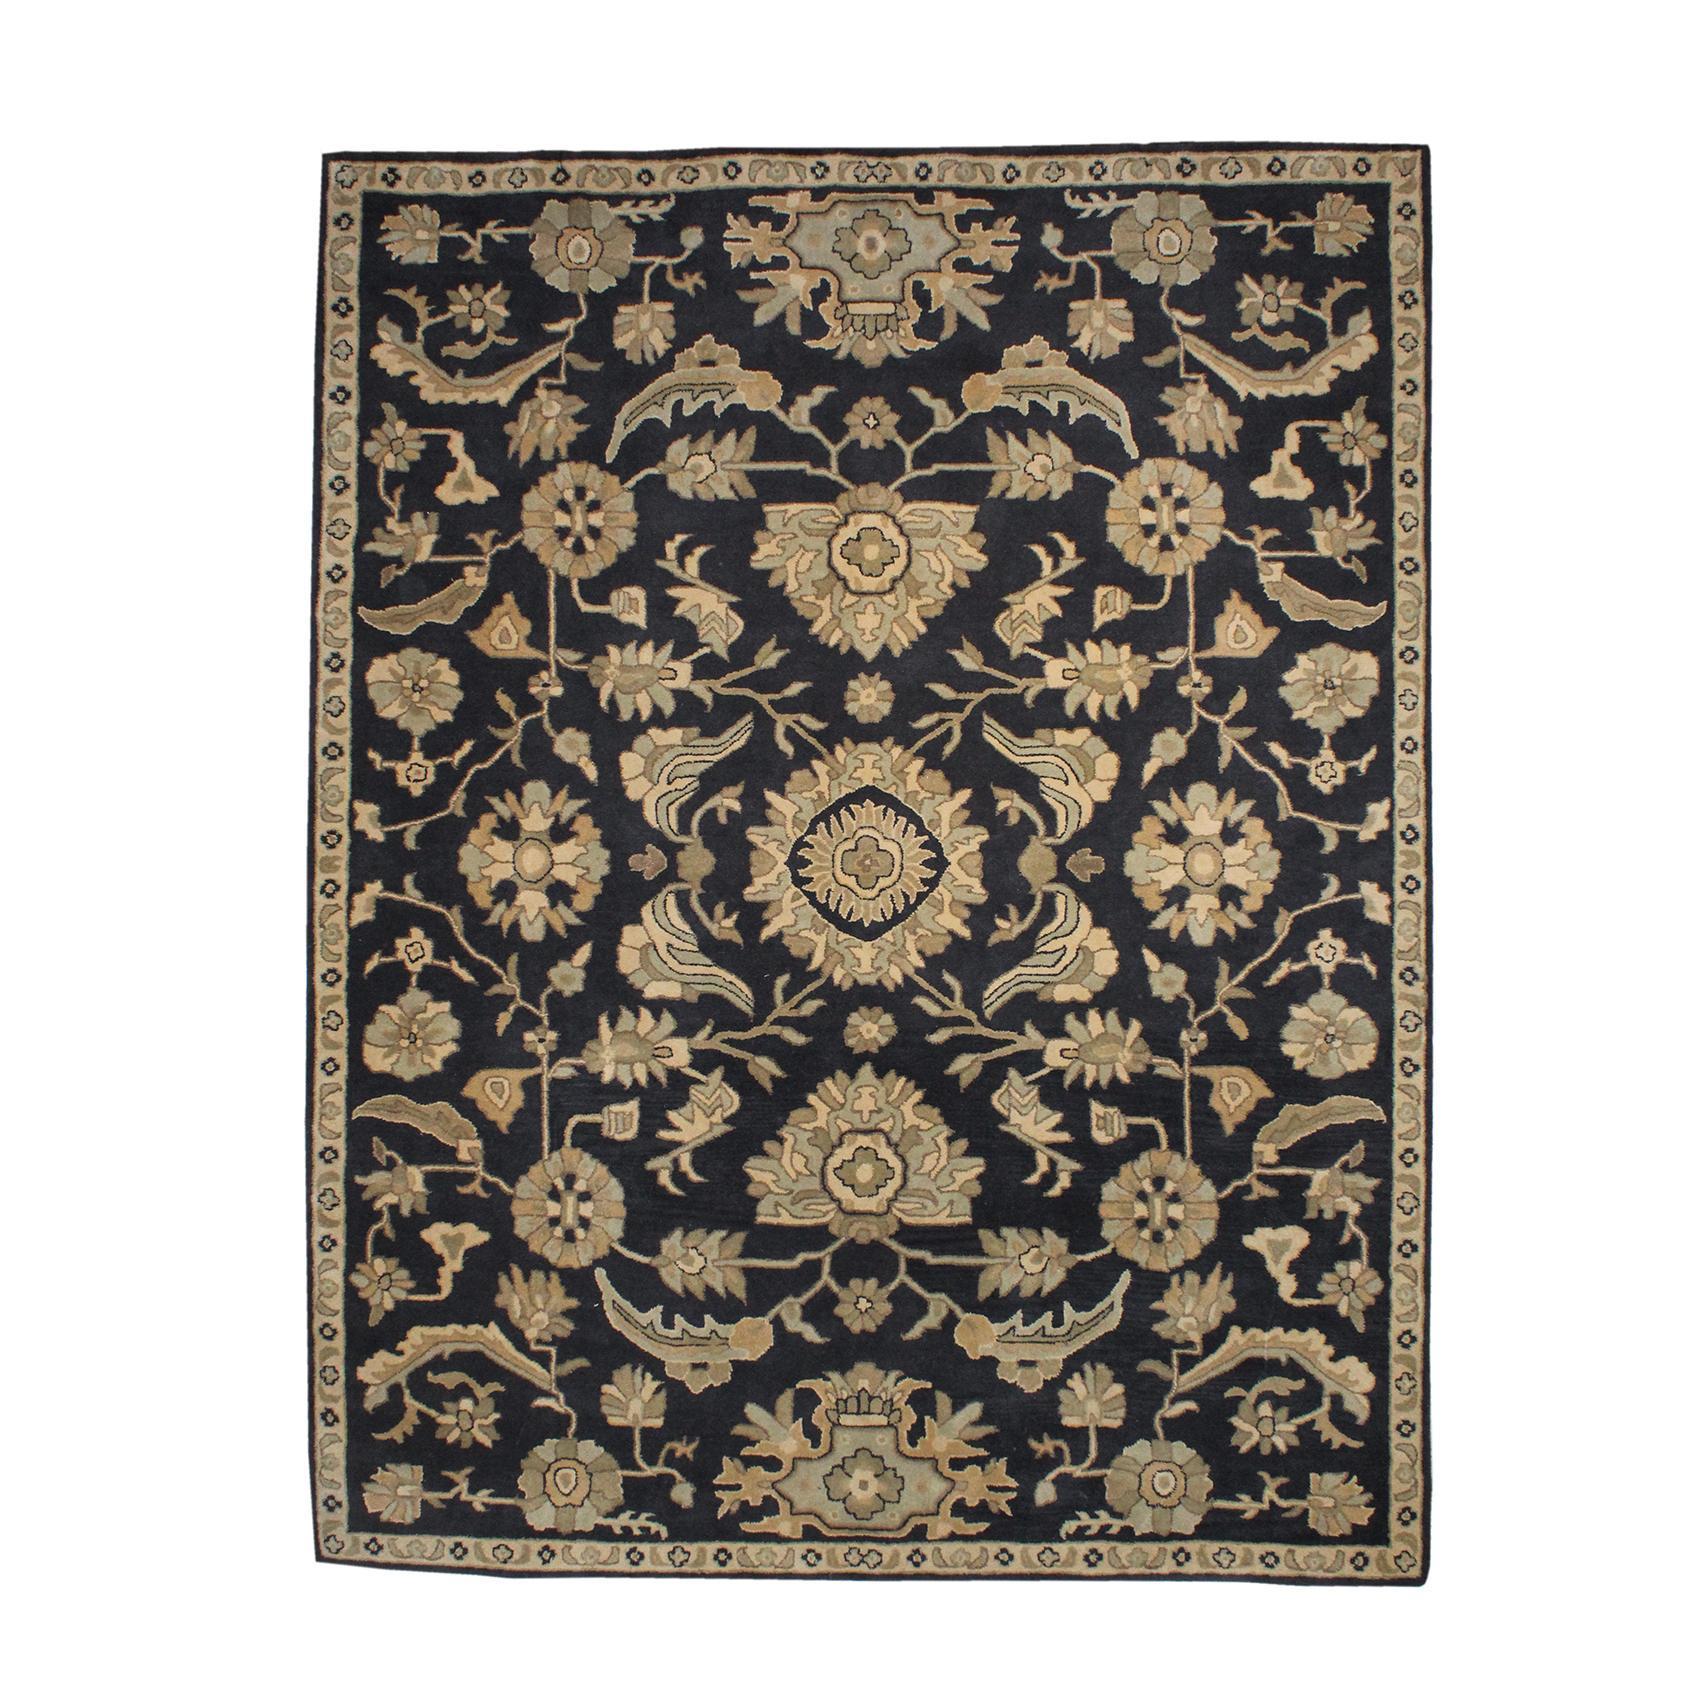 Dark Blue And Tan Floral Wool Rug